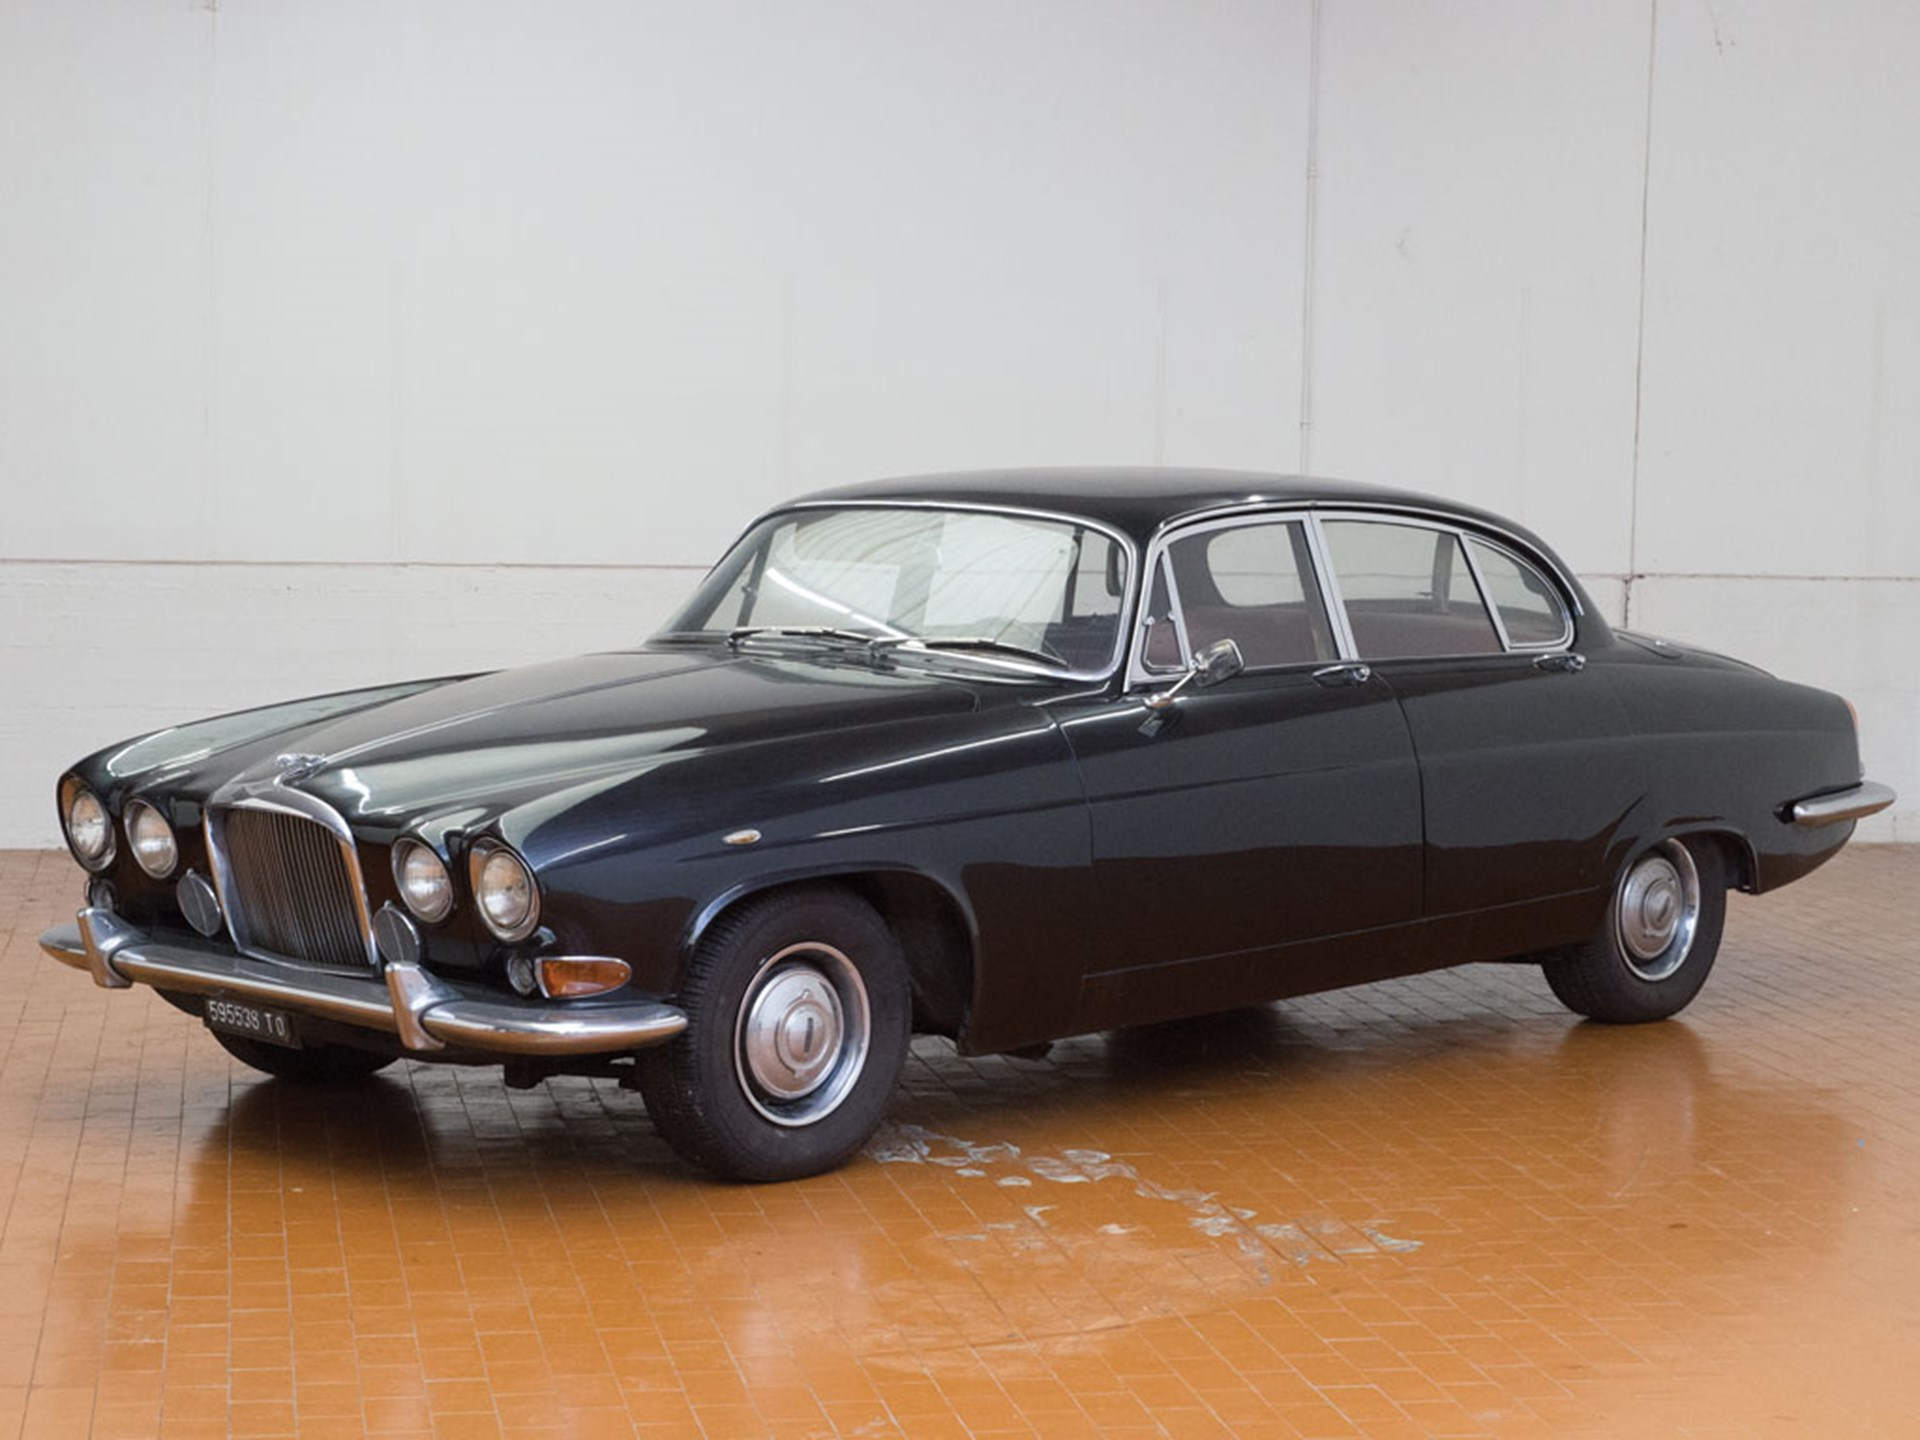 1963 Jaguar Mark X | Duemila Ruote 2016 | RM Auctions